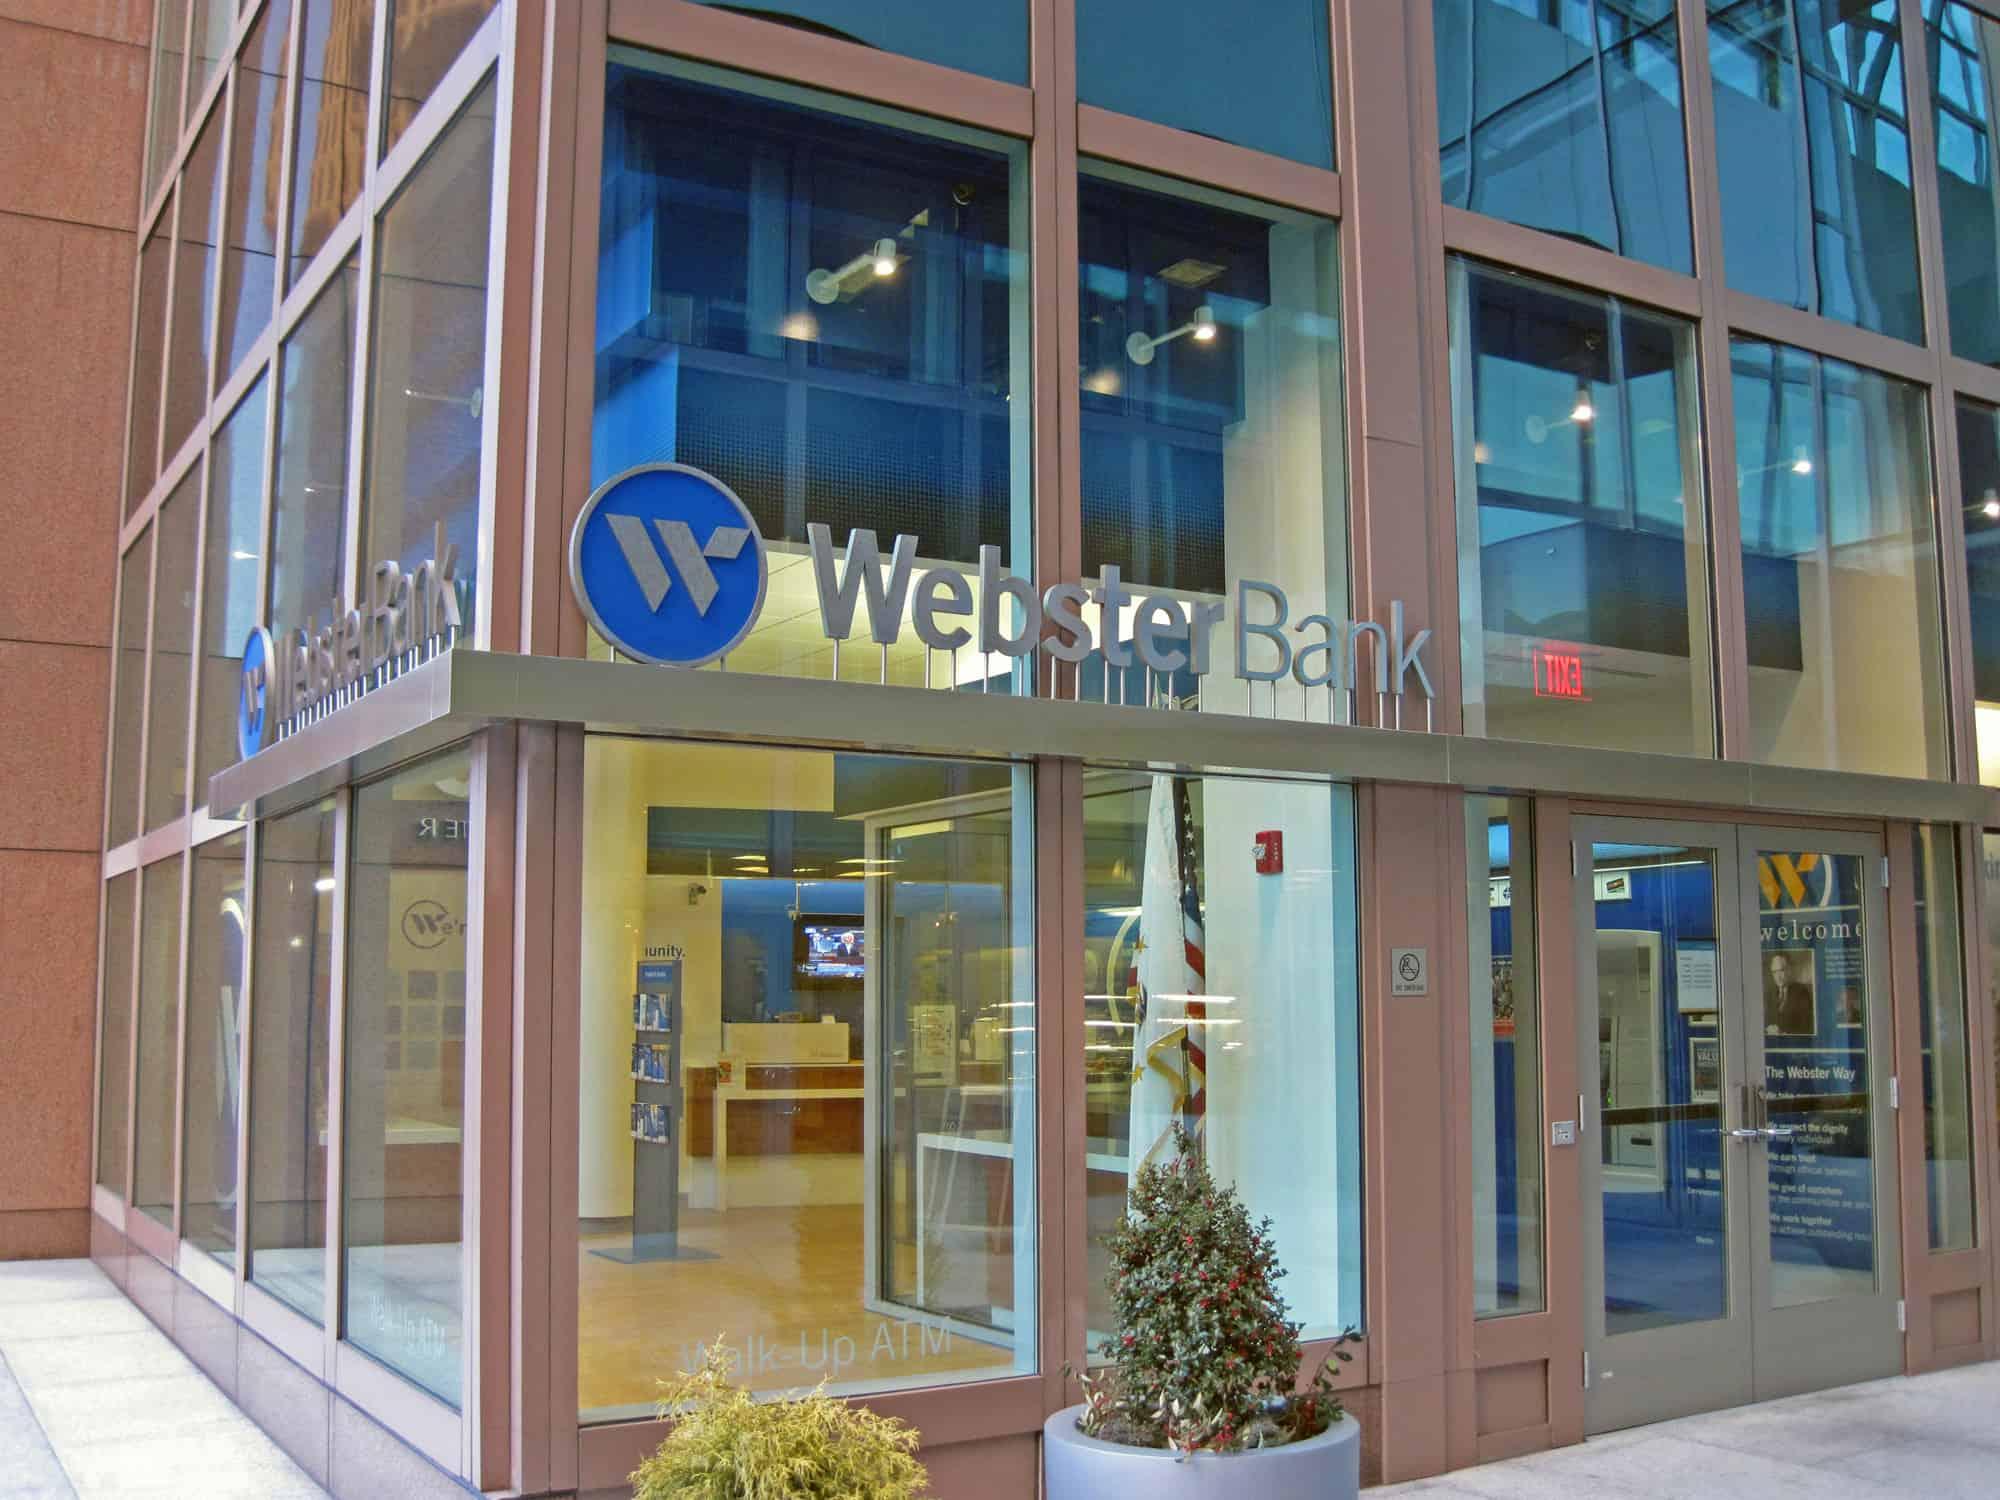 Webster 5